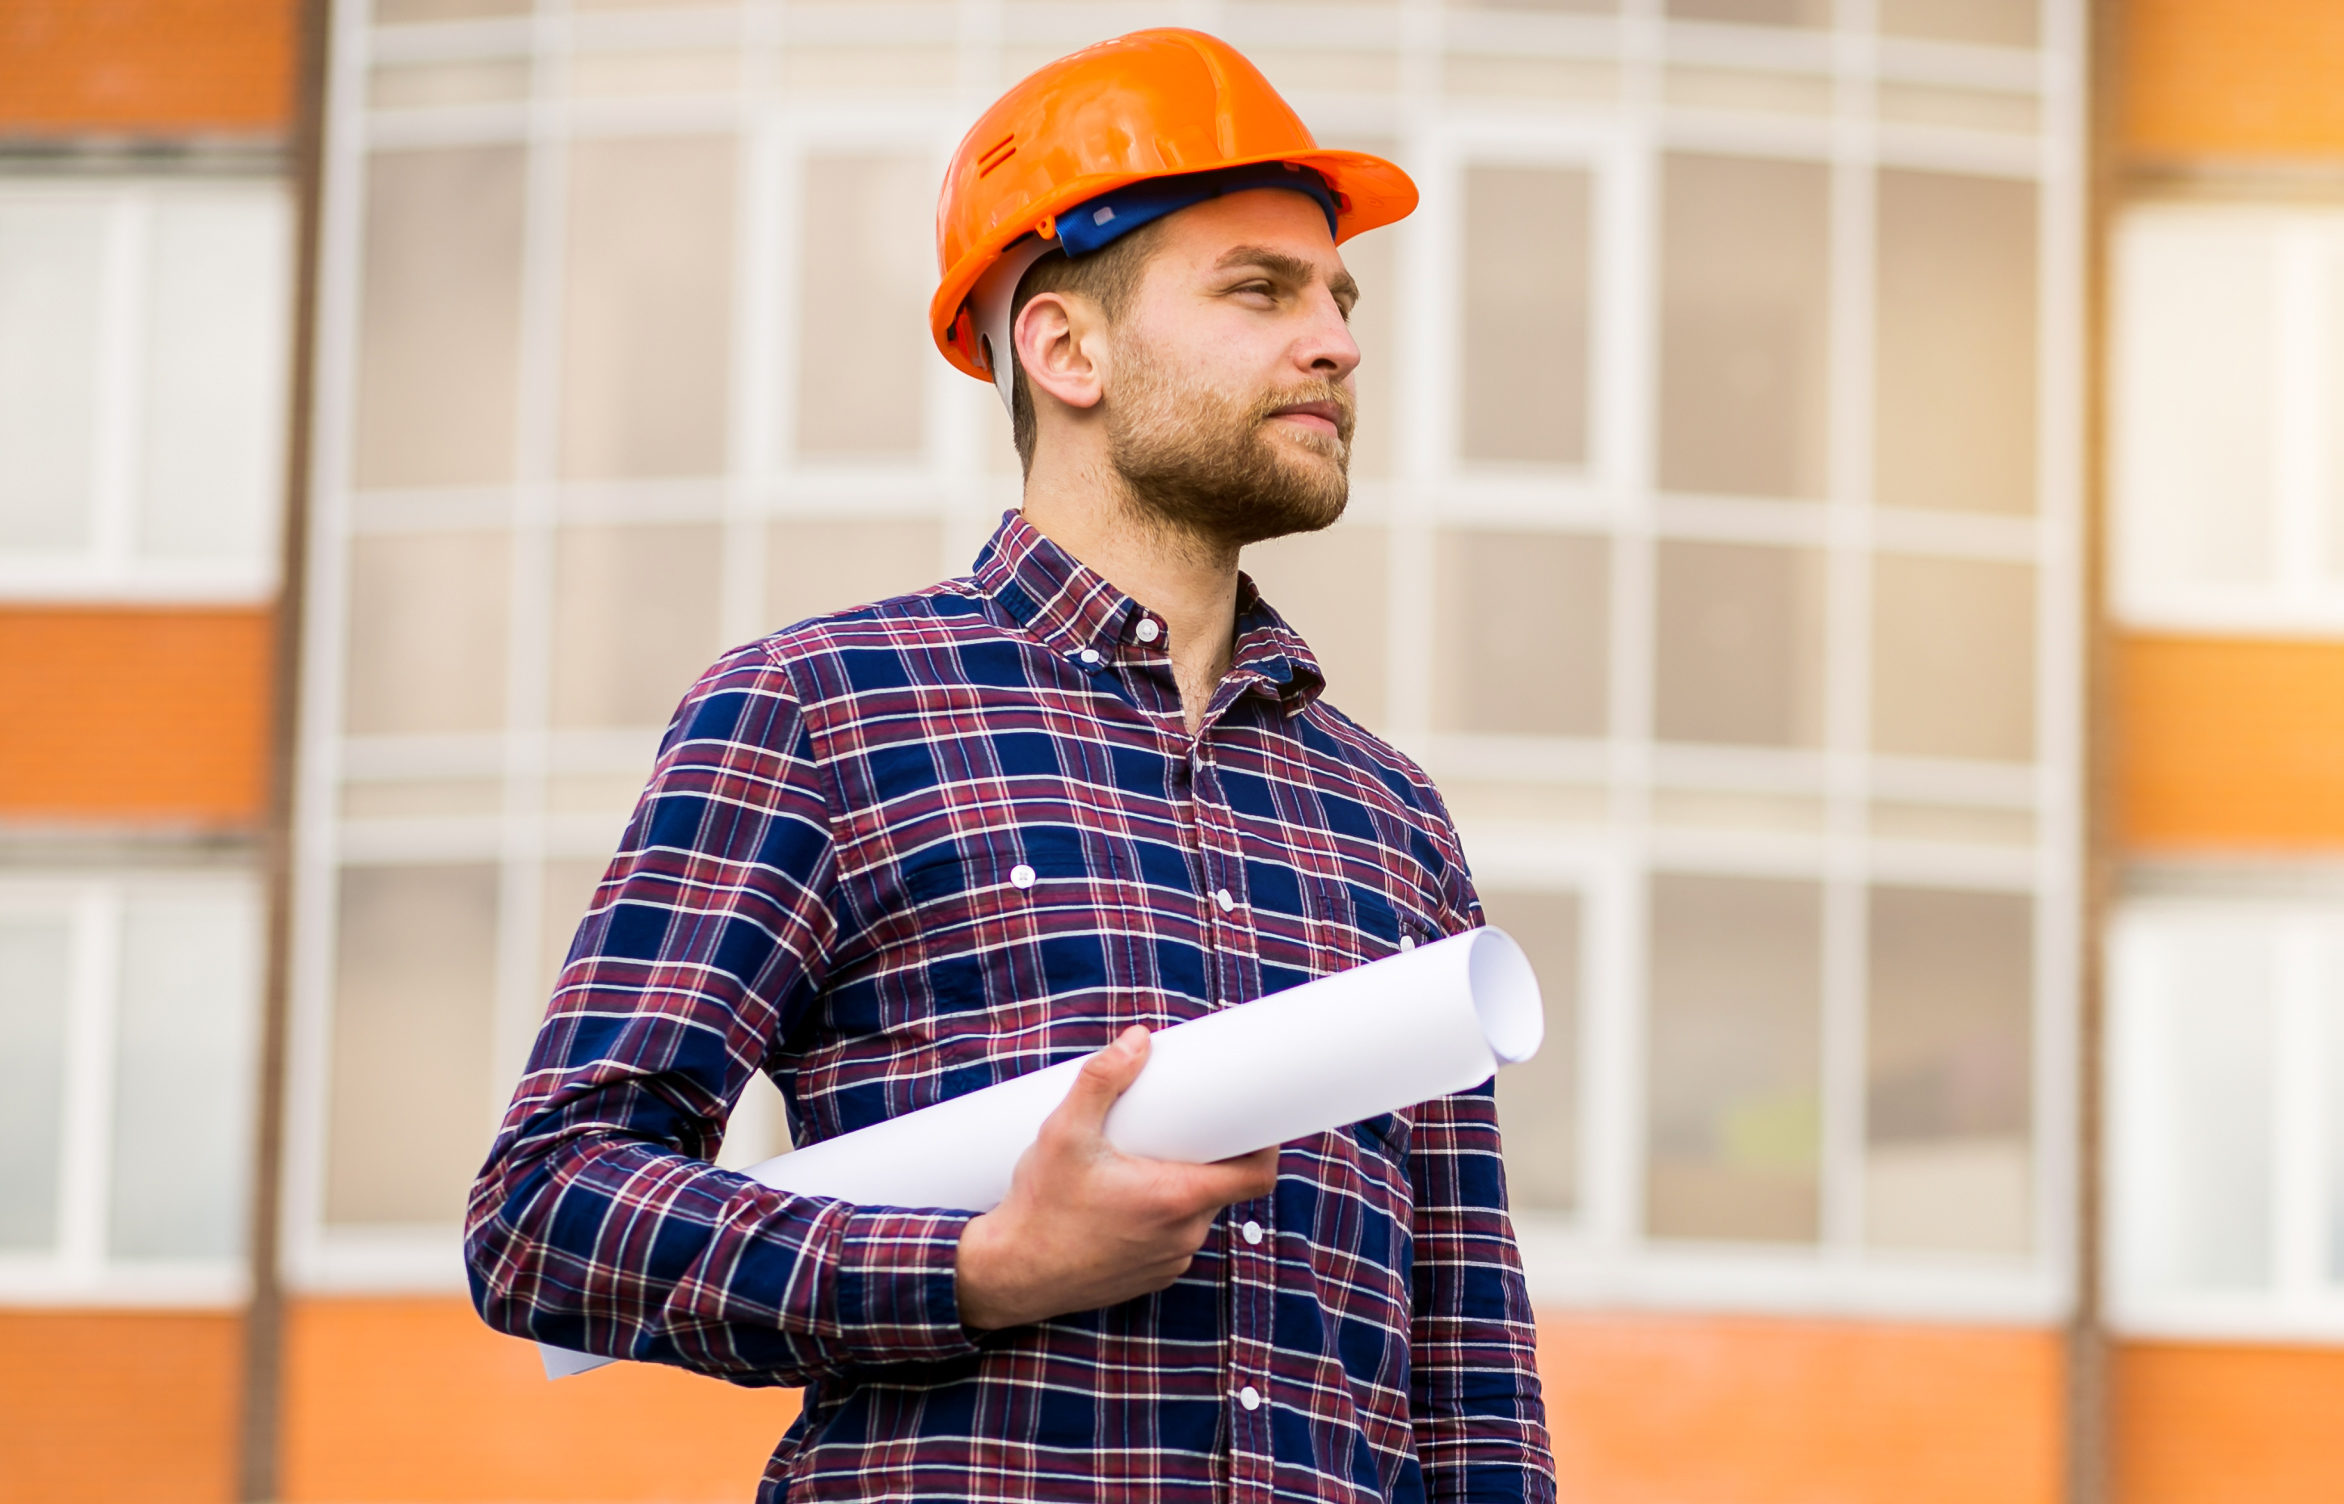 Организатор (руководитель) инженерных изысканий для проектирования и капитального строительства различных зданий и сооружений